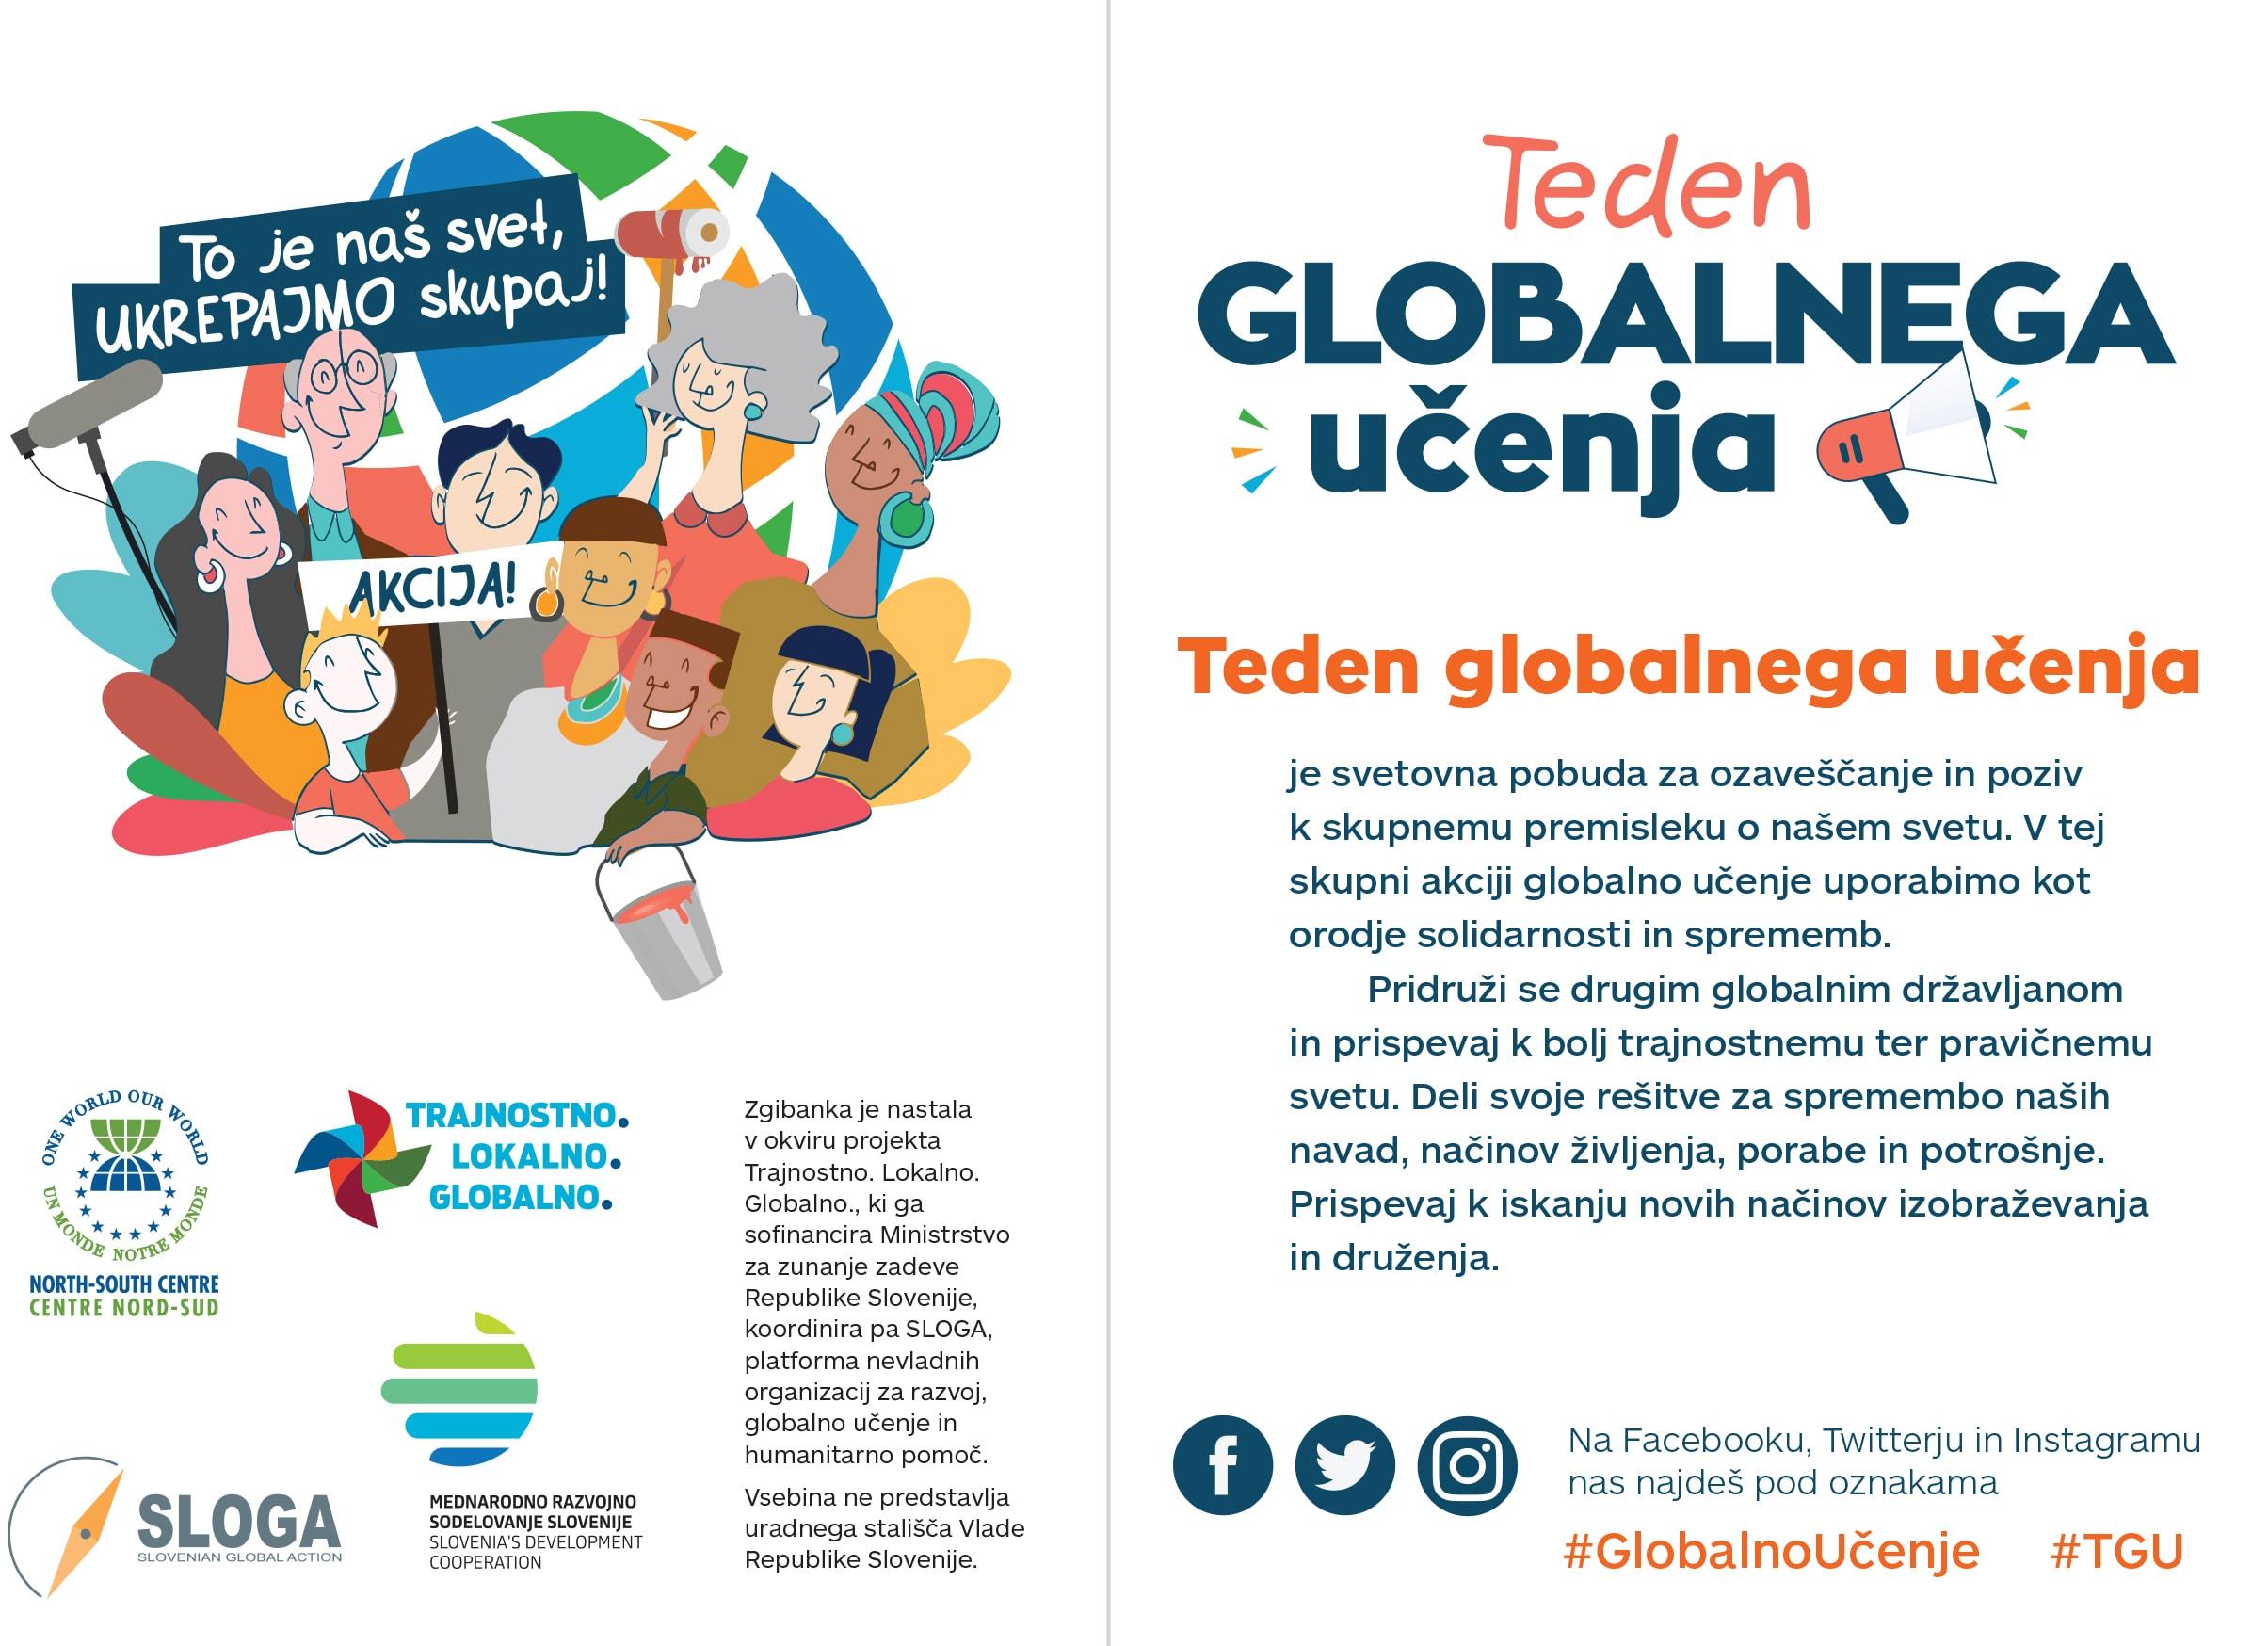 Izšel nov promocijski letak o Tednu globalnega učenja